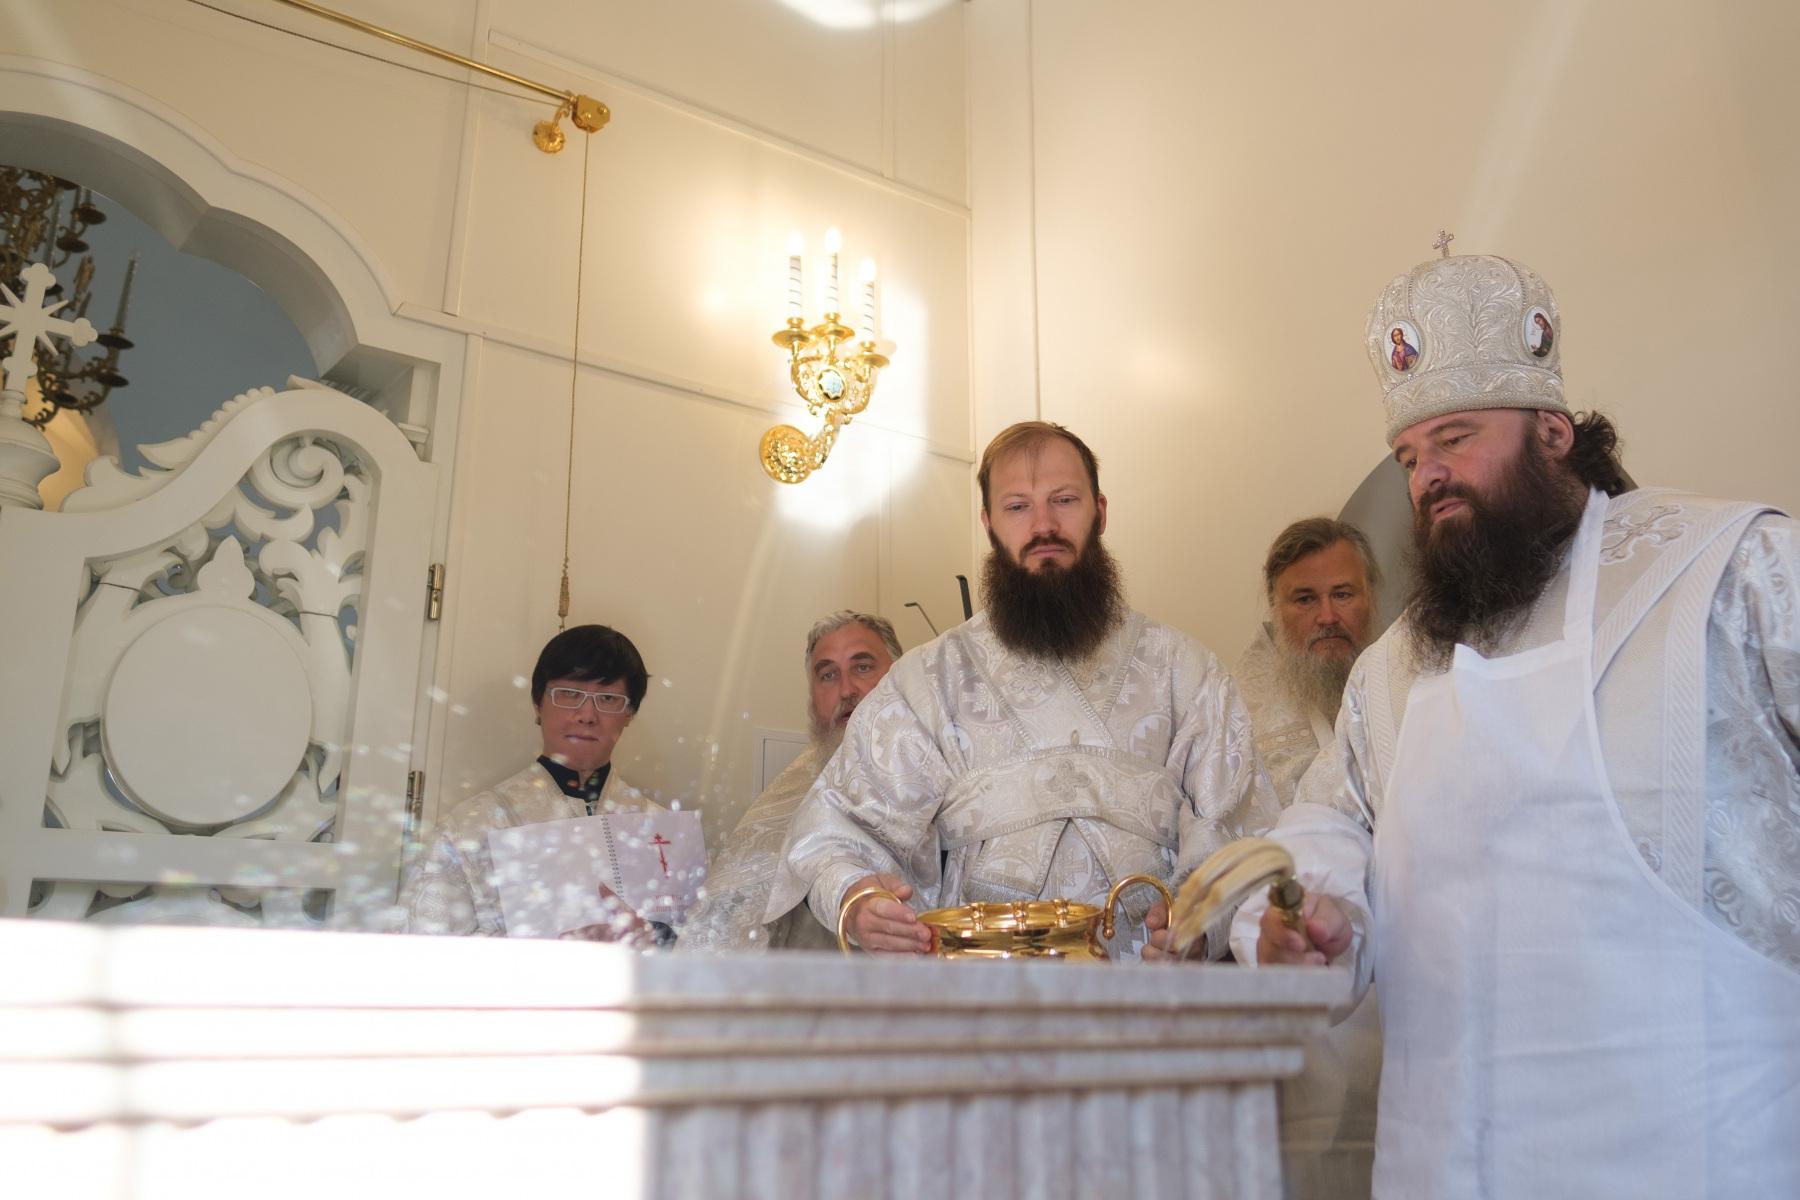 Епископ Наро-Фоминский Парамон совершил великое освящение храма святых Царственных страстотерпцев в Войковском районе Москвы